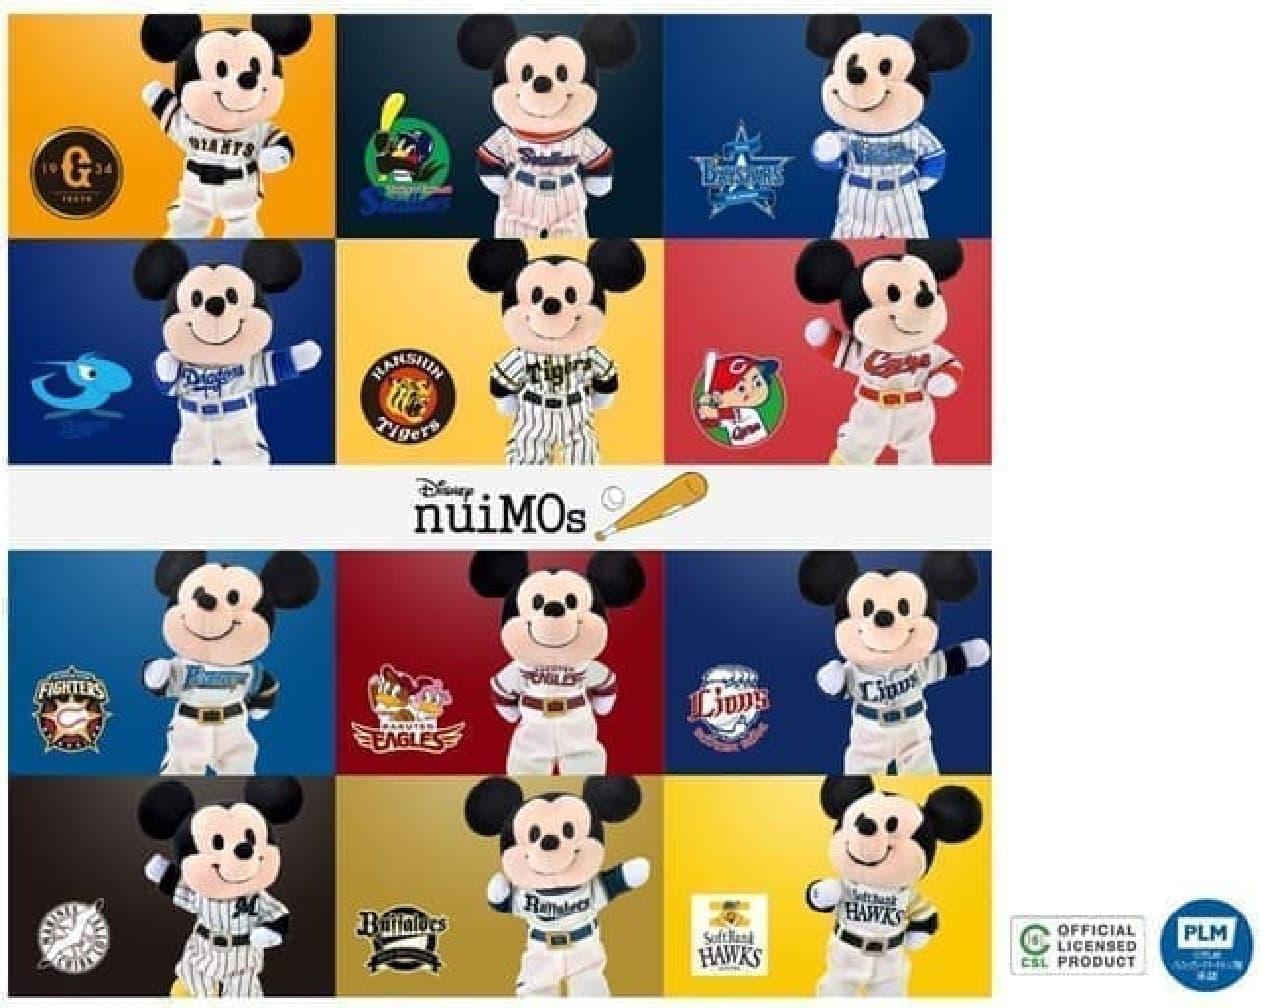 ディズニー「nuiMOs(ぬいもーず)」×プロ野球!ミッキーがユニフォーム姿に